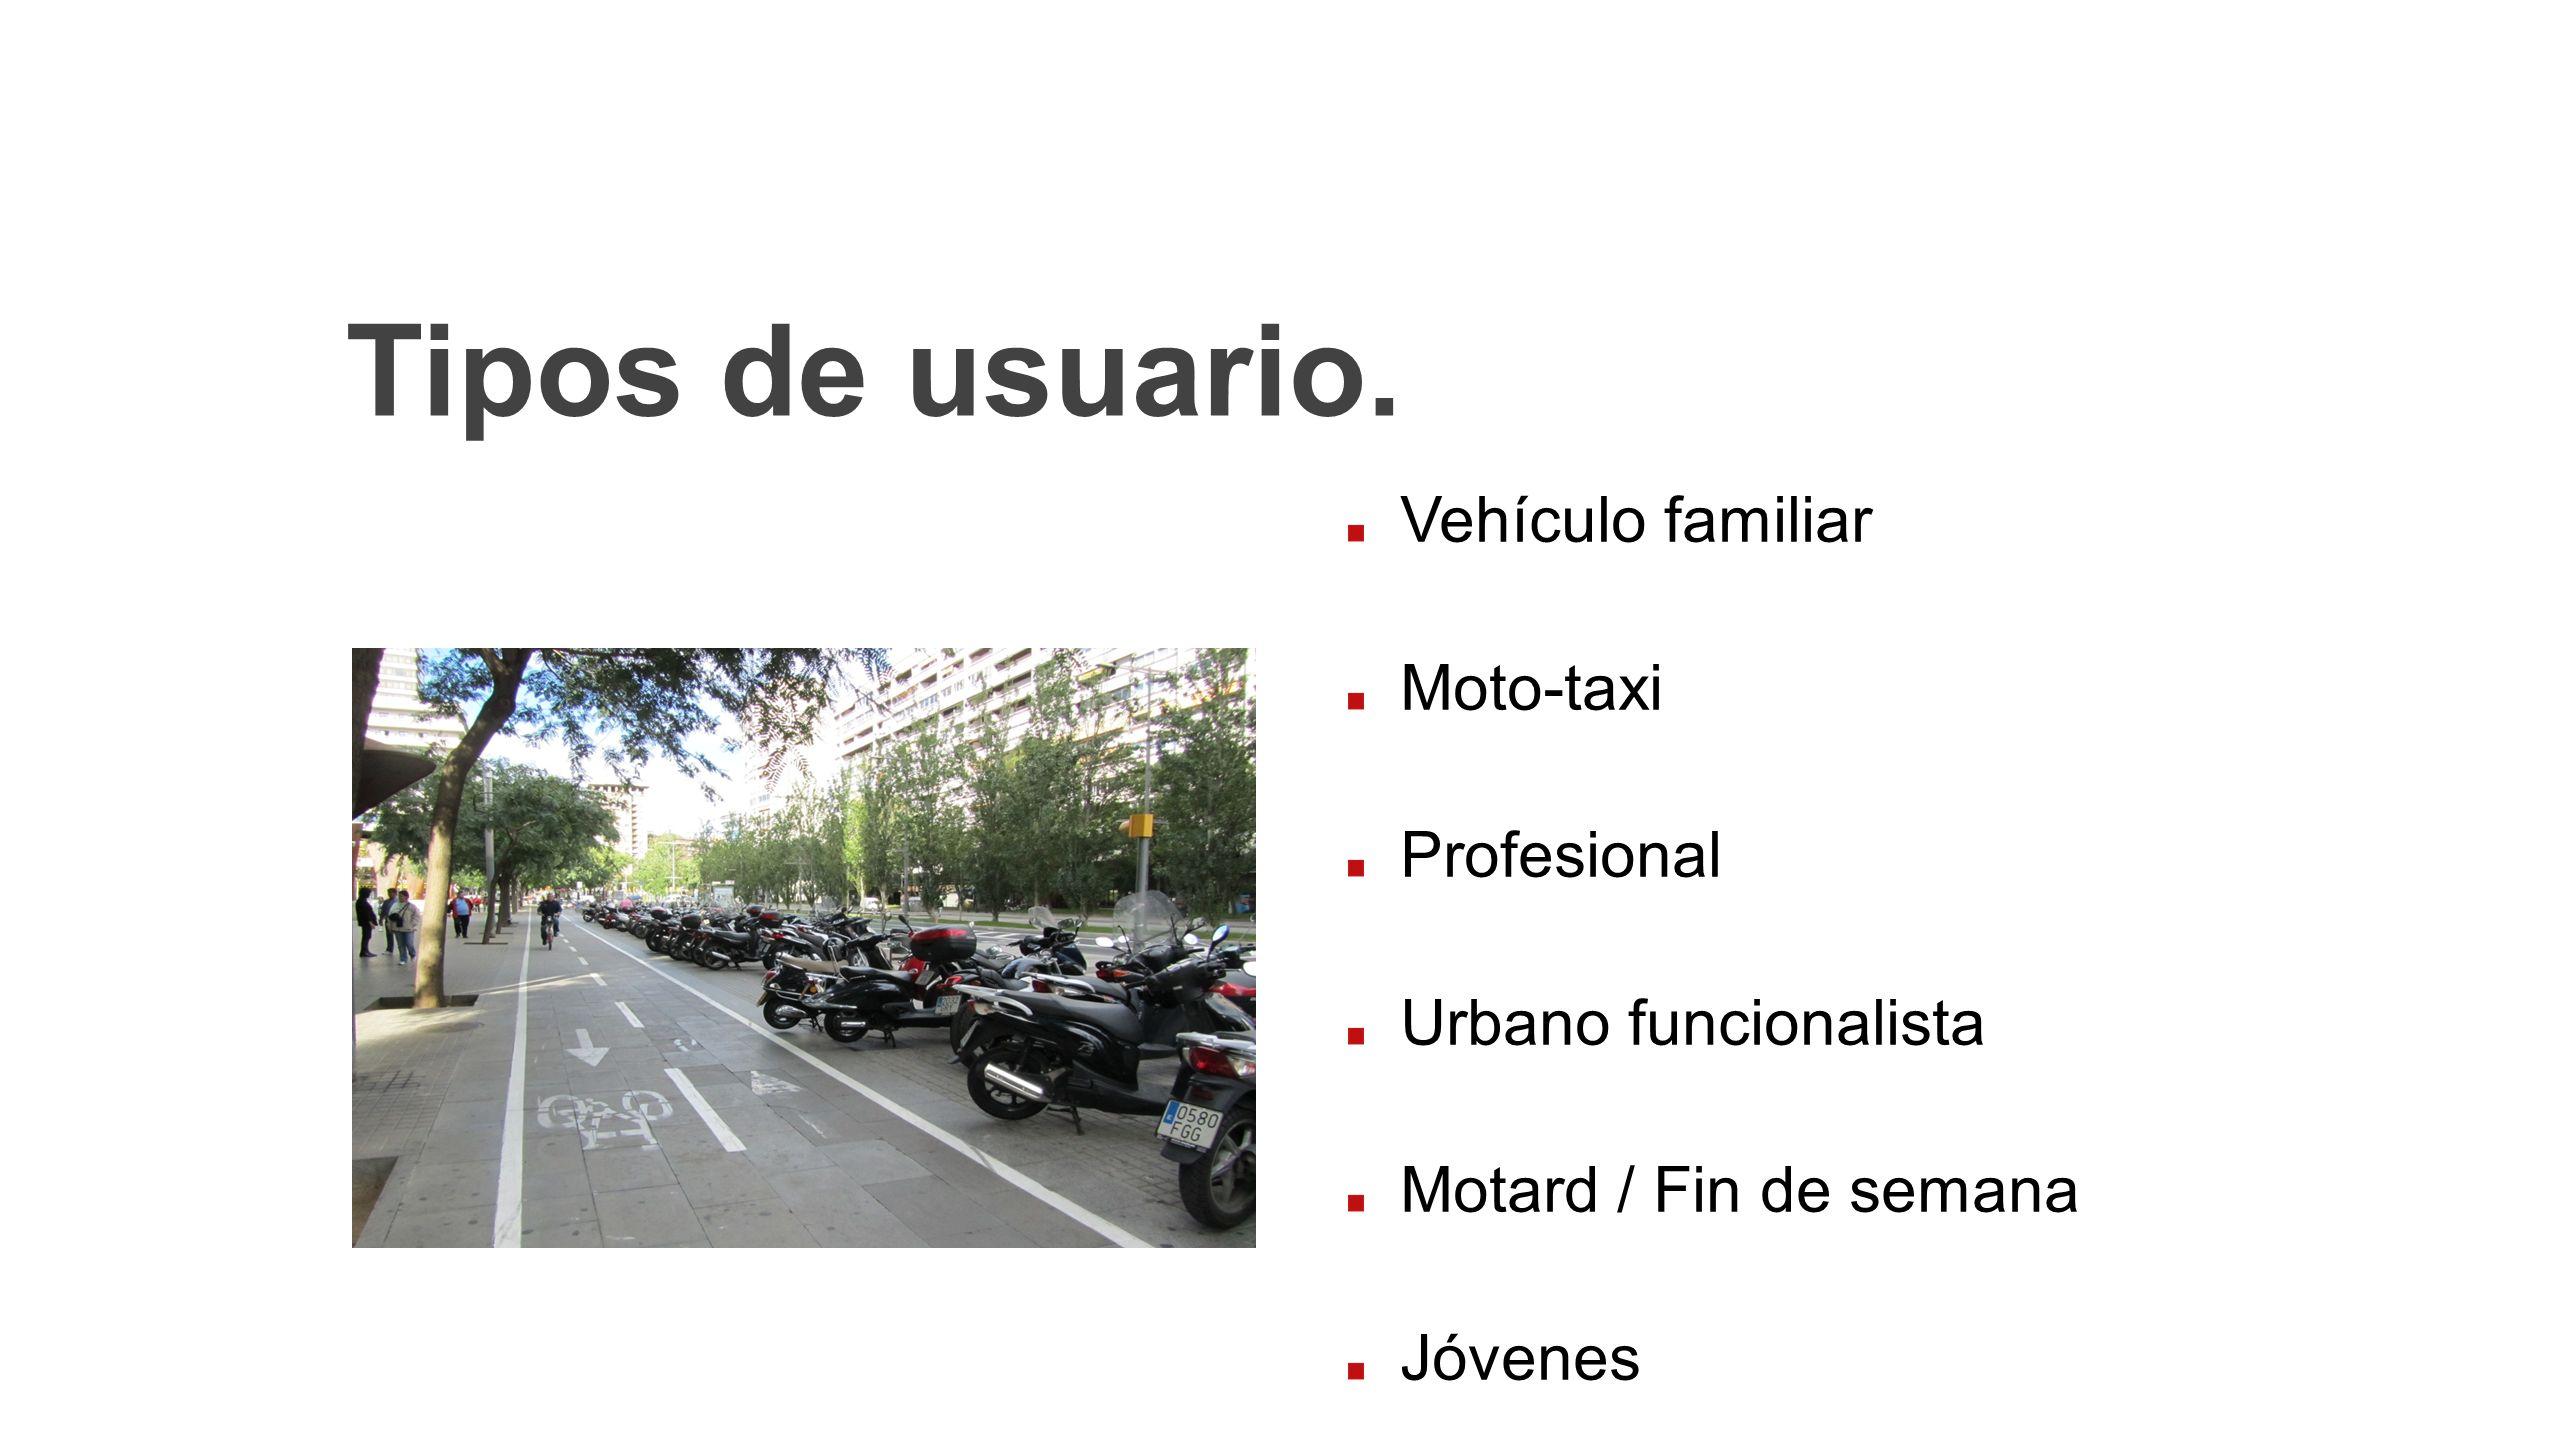 Tipos de usuario. Vehículo familiar Moto-taxi Profesional Urbano funcionalista Motard / Fin de semana Jóvenes